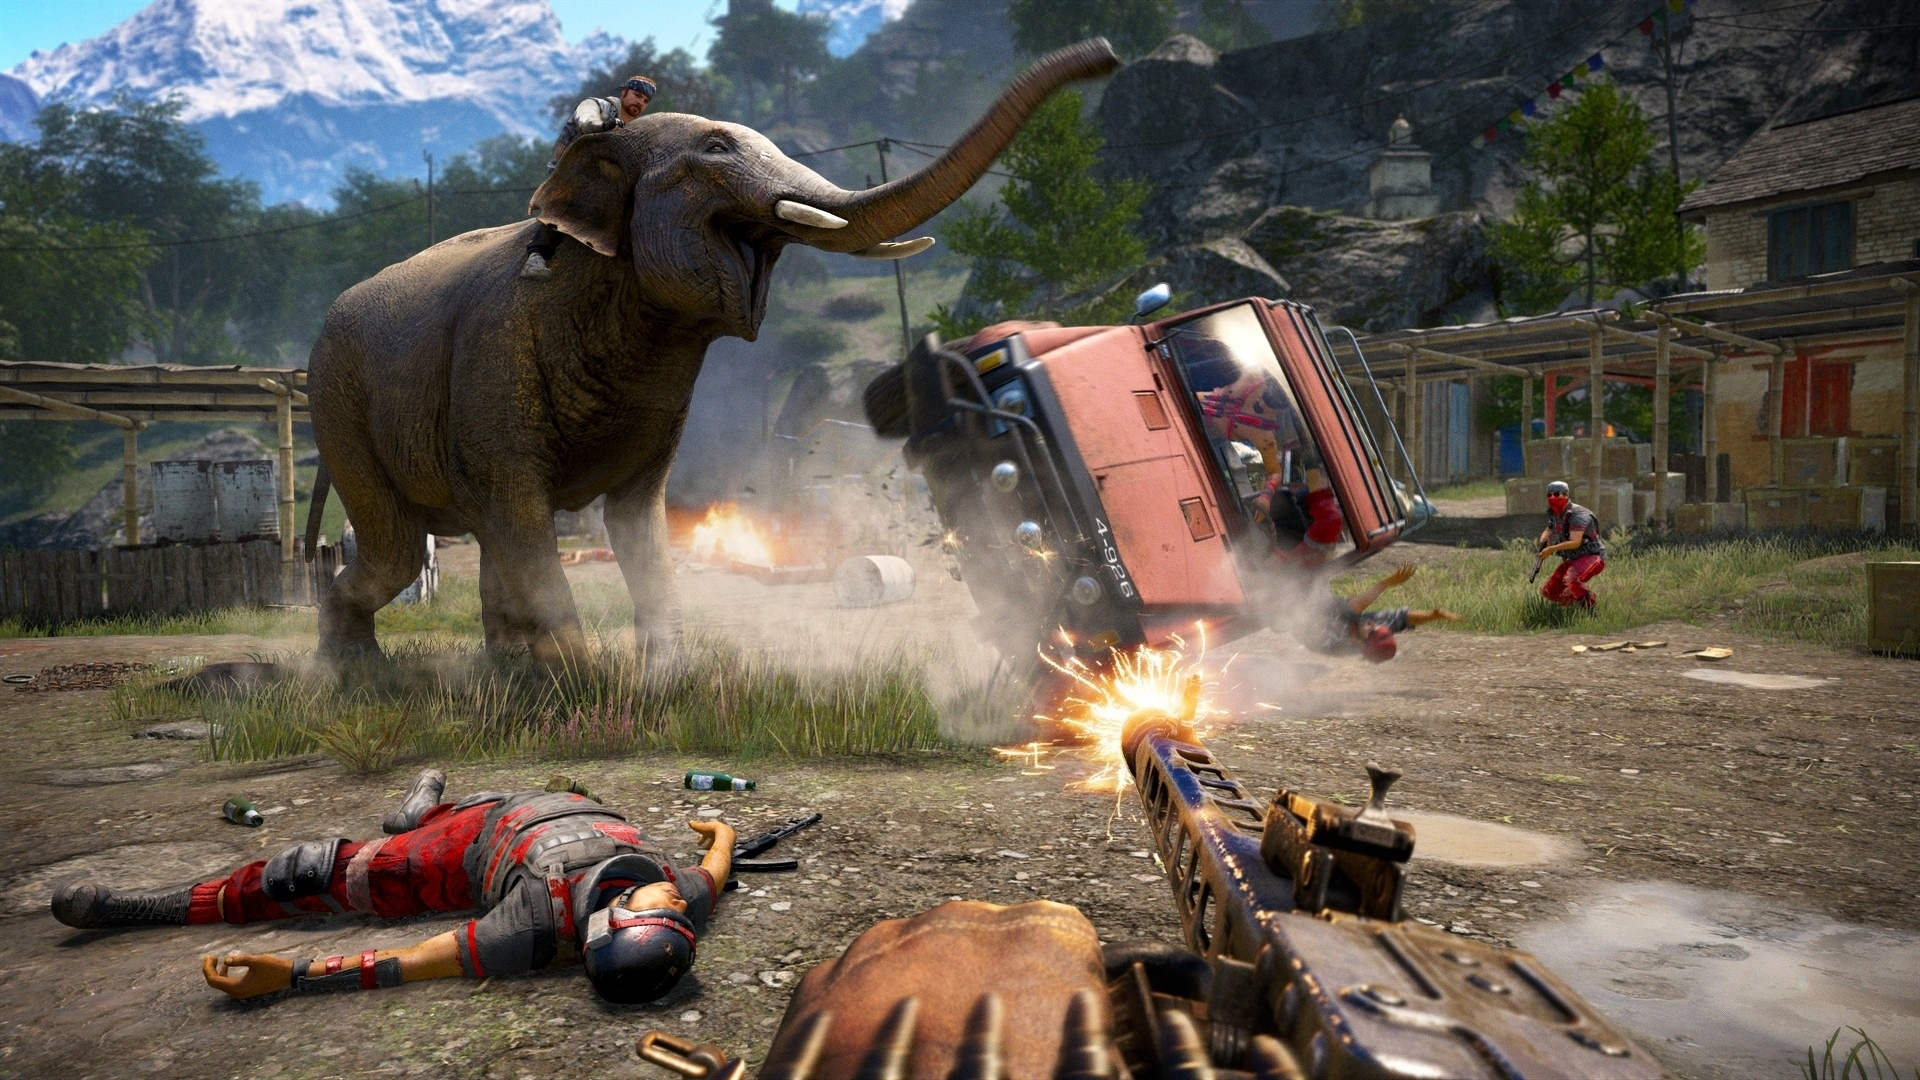 Jak dlouhé bude dobrodružství ve Far Cry 4? To bude záležet na vás 101396